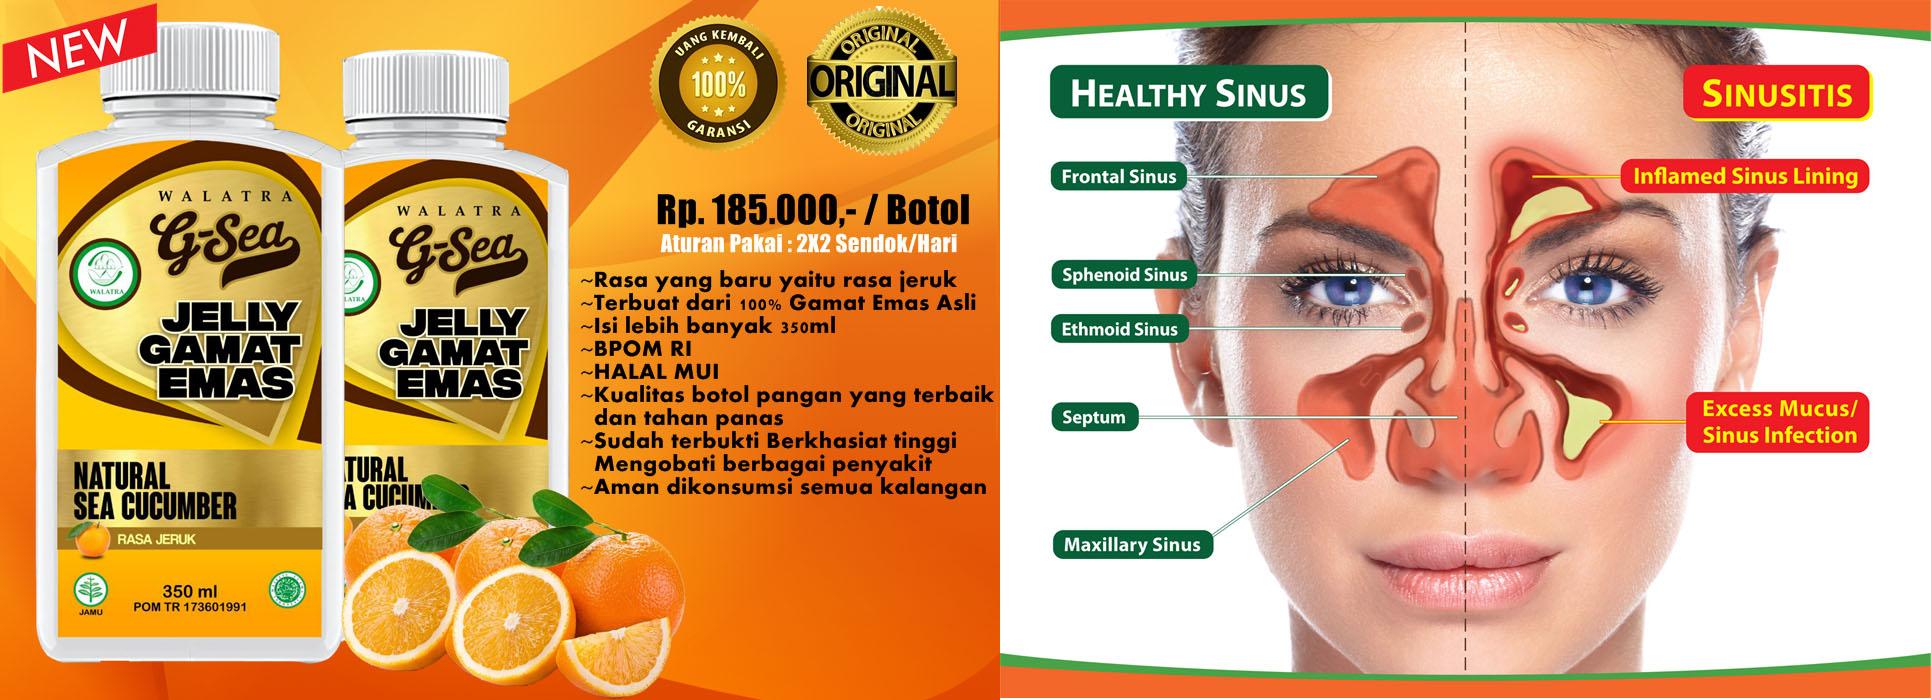 Cara Menghilangkan Bau Mulut Karena Sinusitis